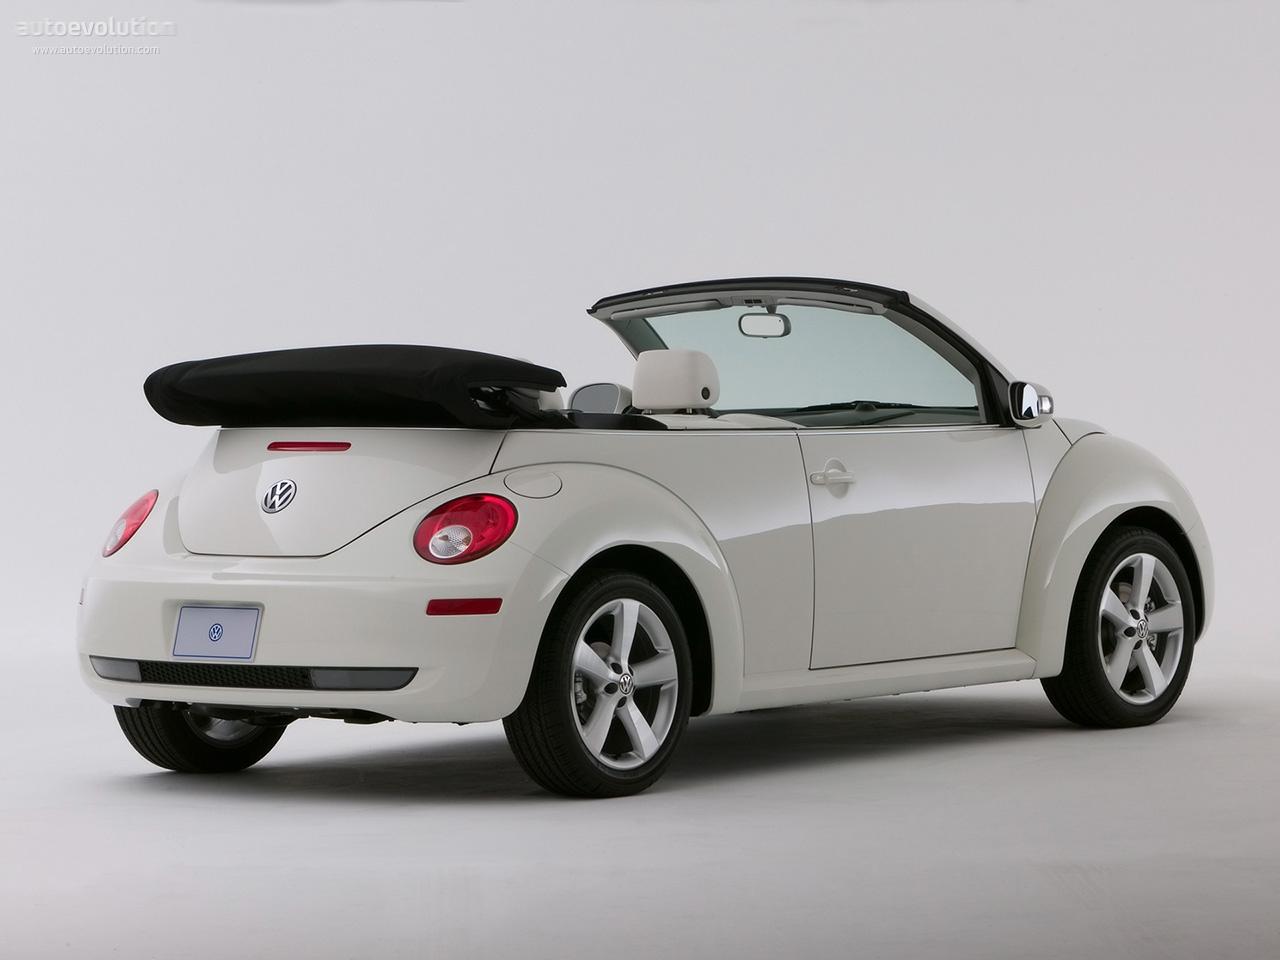 VOLKSWAGEN Beetle Cabrio - 2005, 2006, 2007, 2008, 2009, 2010 - autoevolution